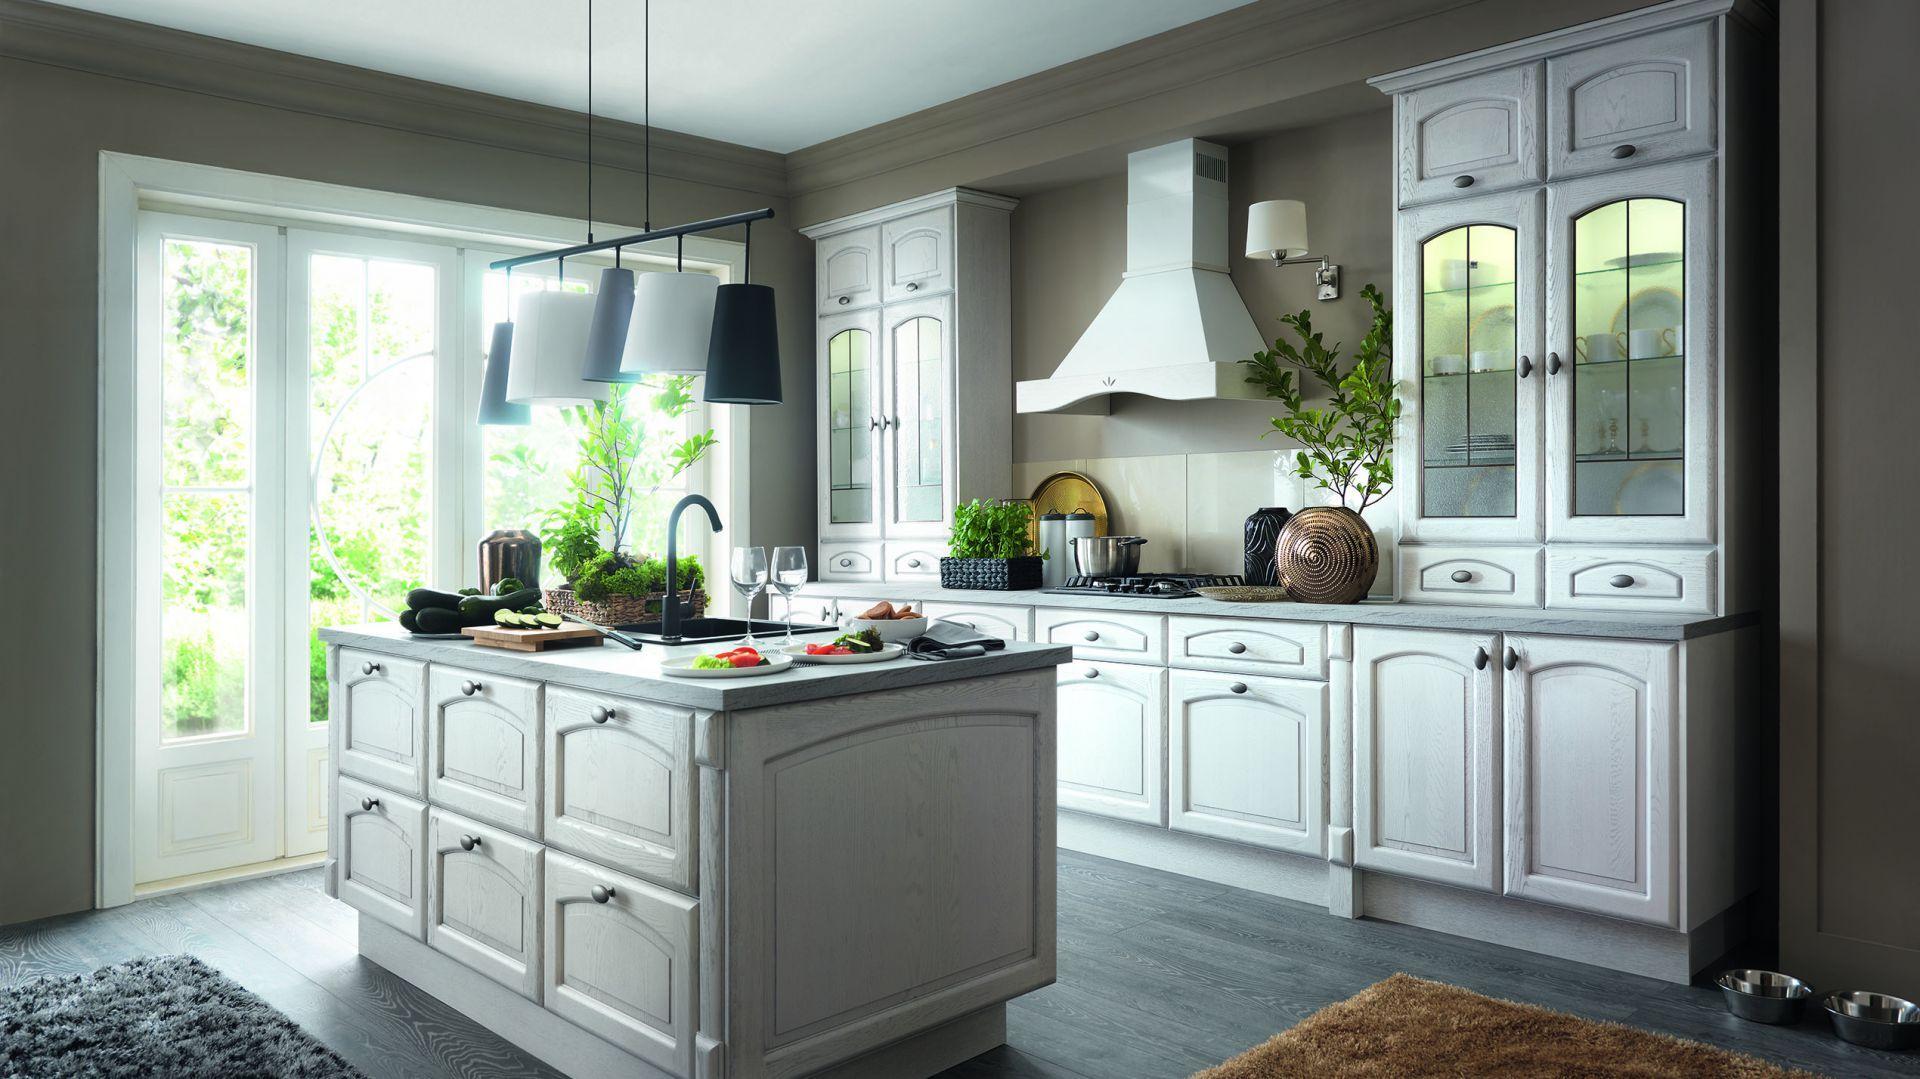 Kuchnia Idealna Czyli Mix Funkcjonalnosci I Stylu Fot Black Red White Home Home Decor Decor